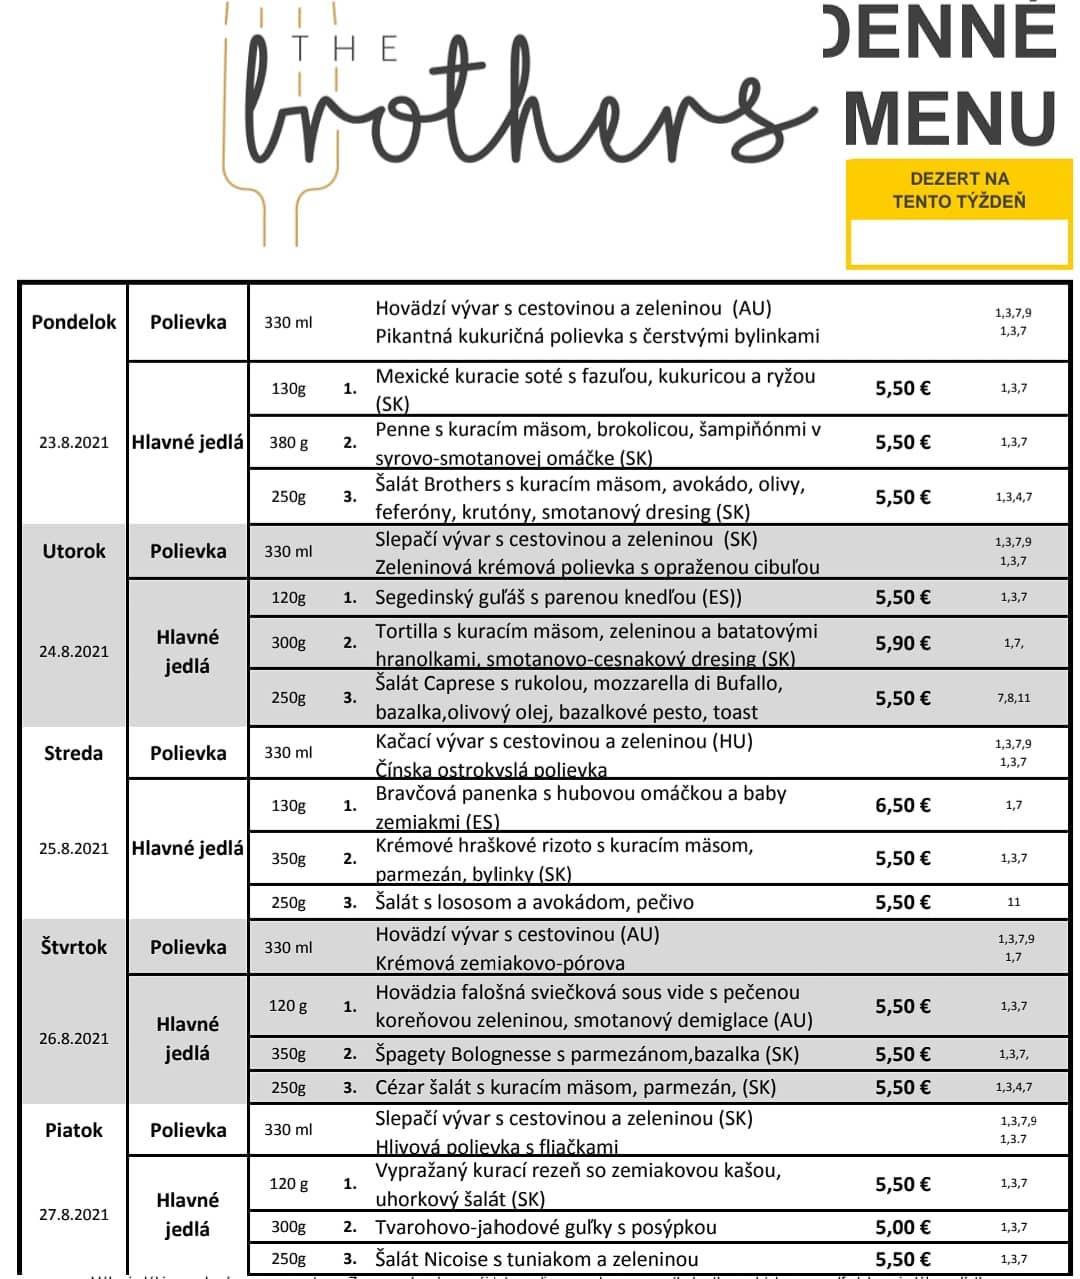 menu-102-print.png